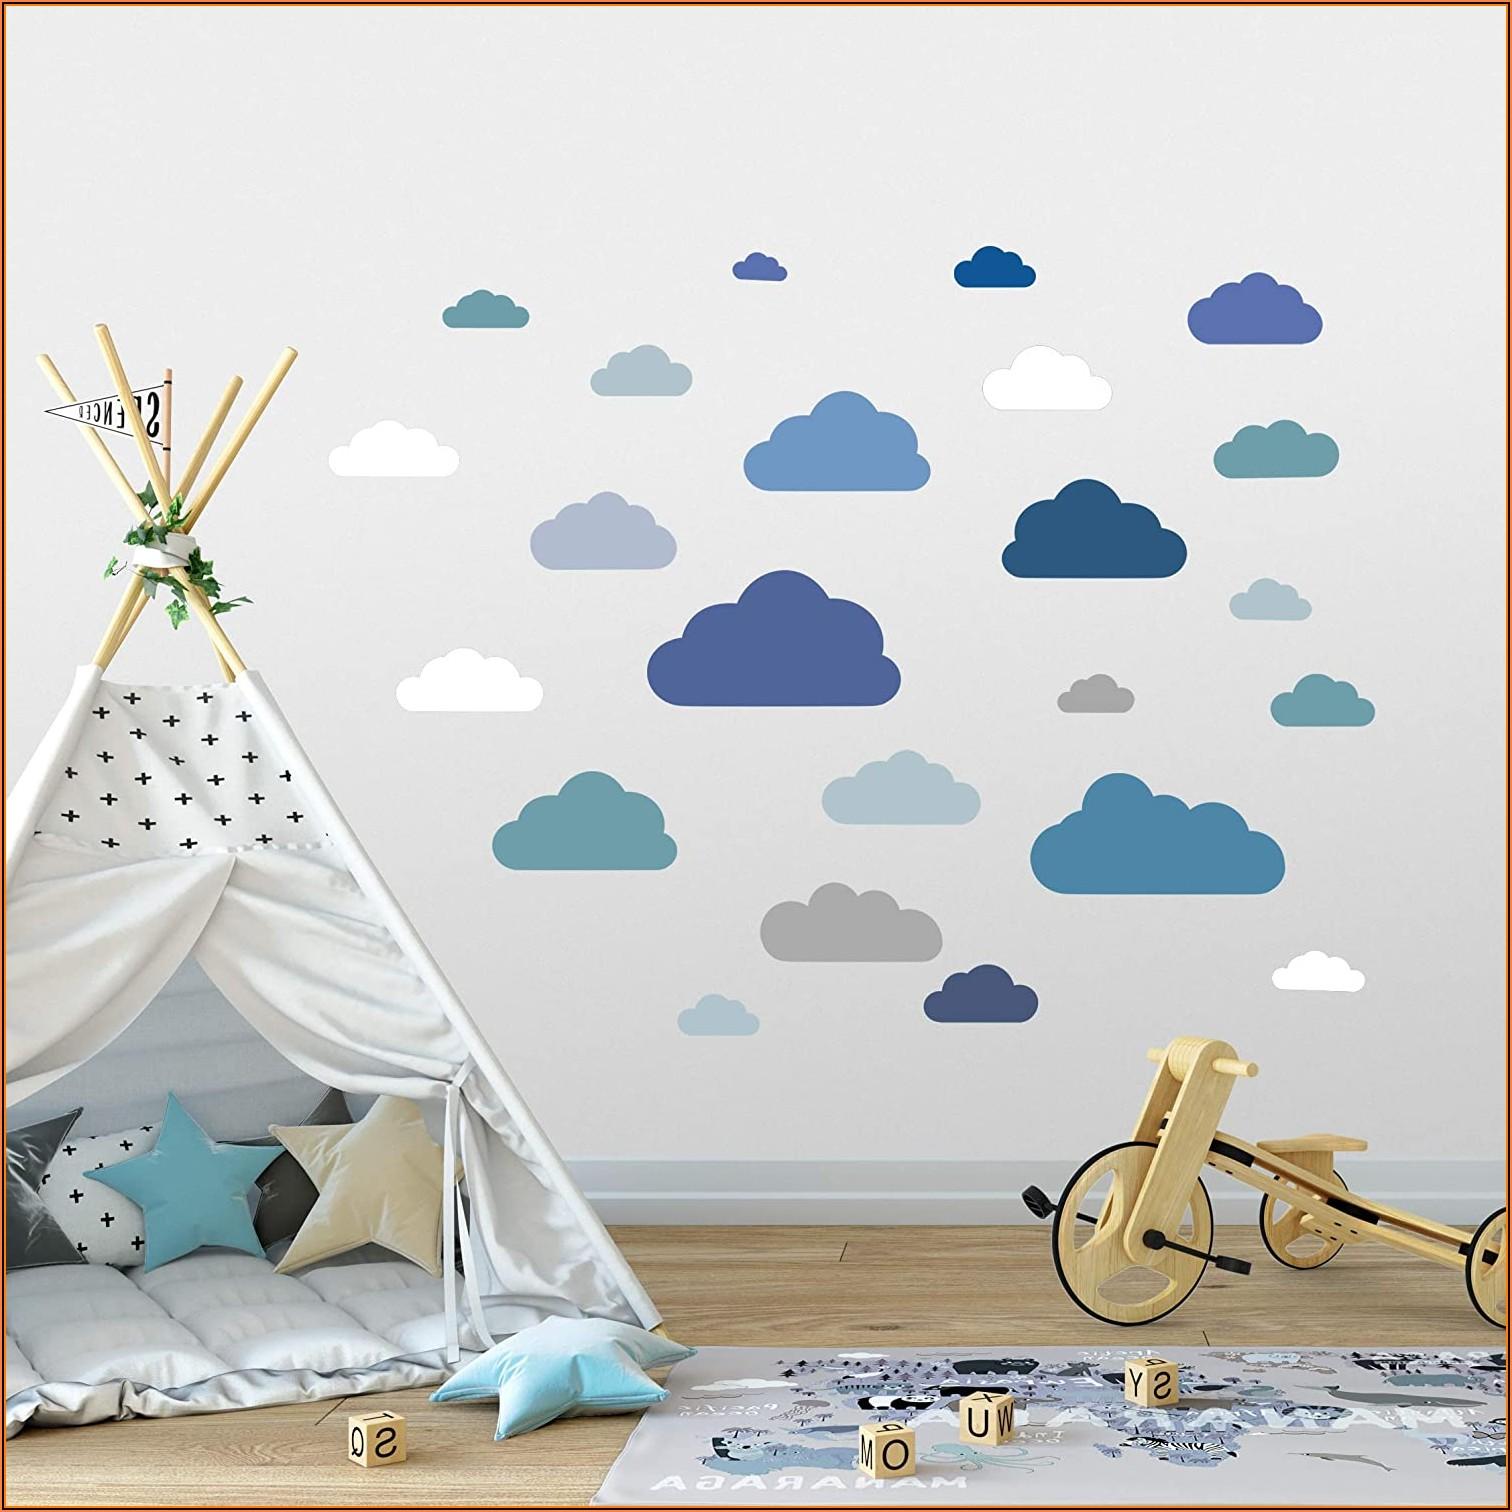 Wandtattoo Kinderzimmer Rauhfaser